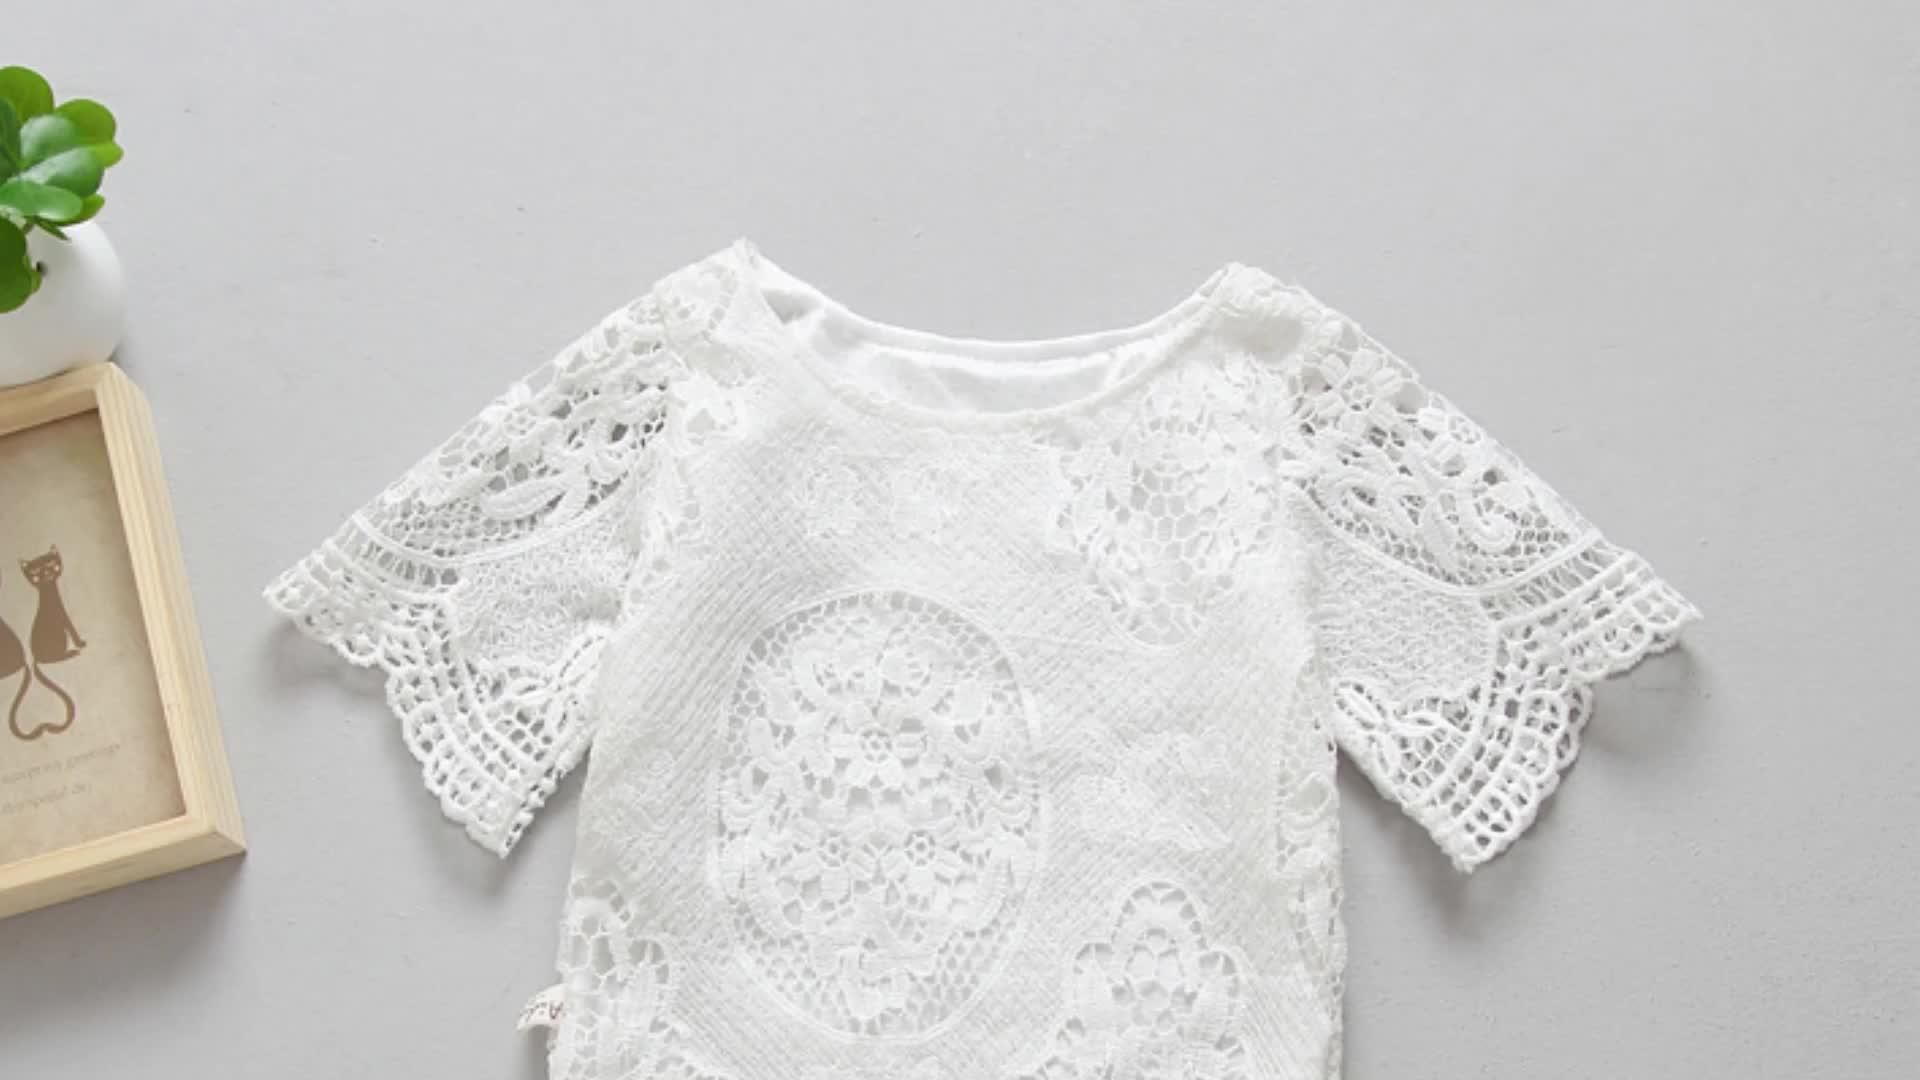 SEV. WEN Zomer Baby Romper Bodysuit Lace Bloemen Ruches Korte Mouw baby kleding meisje